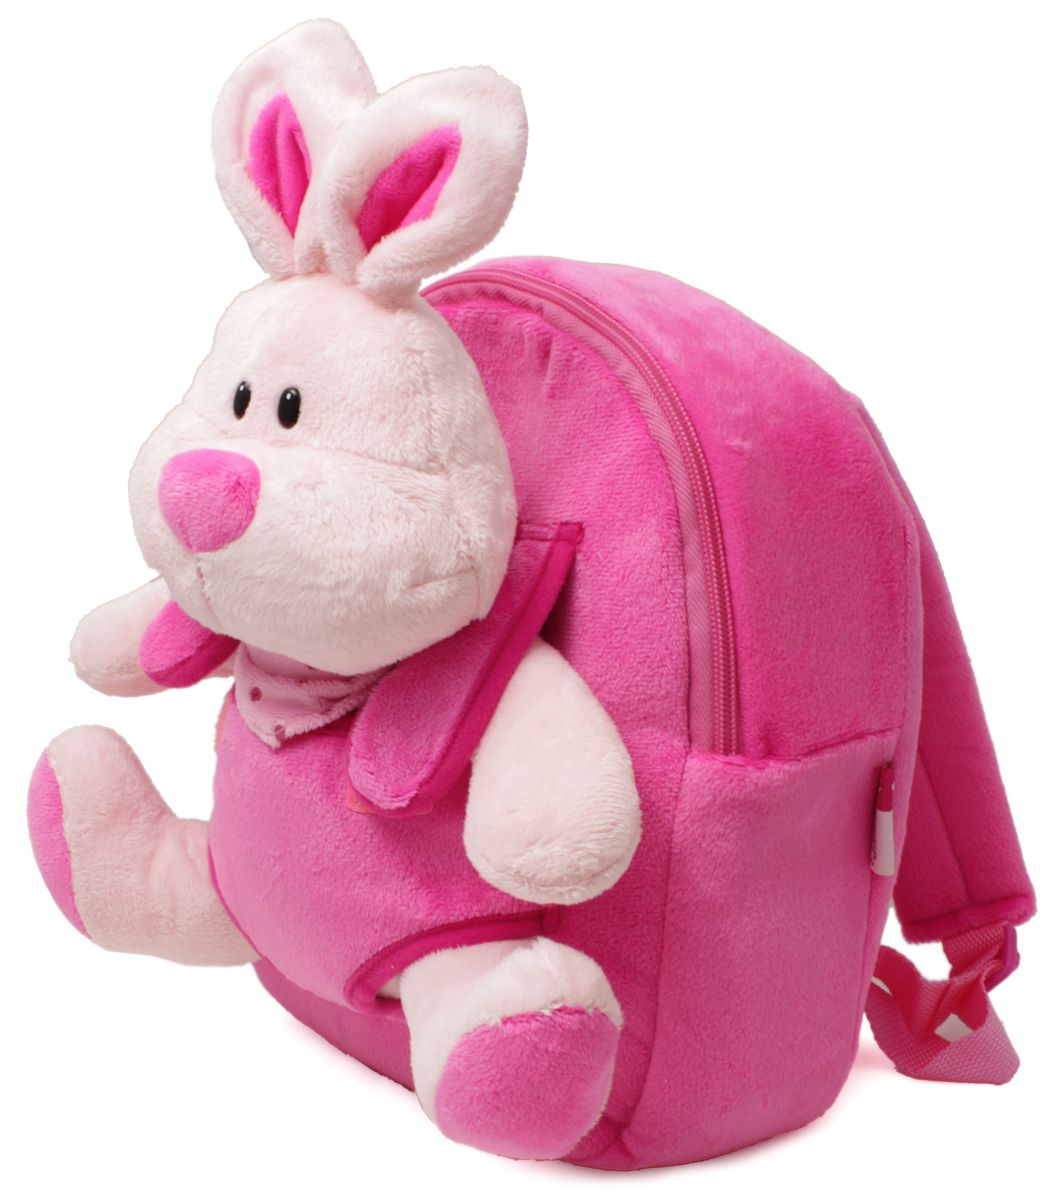 Феникс+ Рюкзак дошкольный Плюшевый зайка40092Дошкольный рюкзак Феникс+ имеет одно большое отделение на застежке-молнии.Рюкзак оснащен ручкой для переноски в руках и лямками регулируемой длины. На лицевой стороне рюкзака находится съемная мягкая игрушка в виде зайчика.Такой рюкзак идеально подойдет для хранения важных вещей, которые так необходимы детям на детской площадке, во время прогулки или на пикнике.